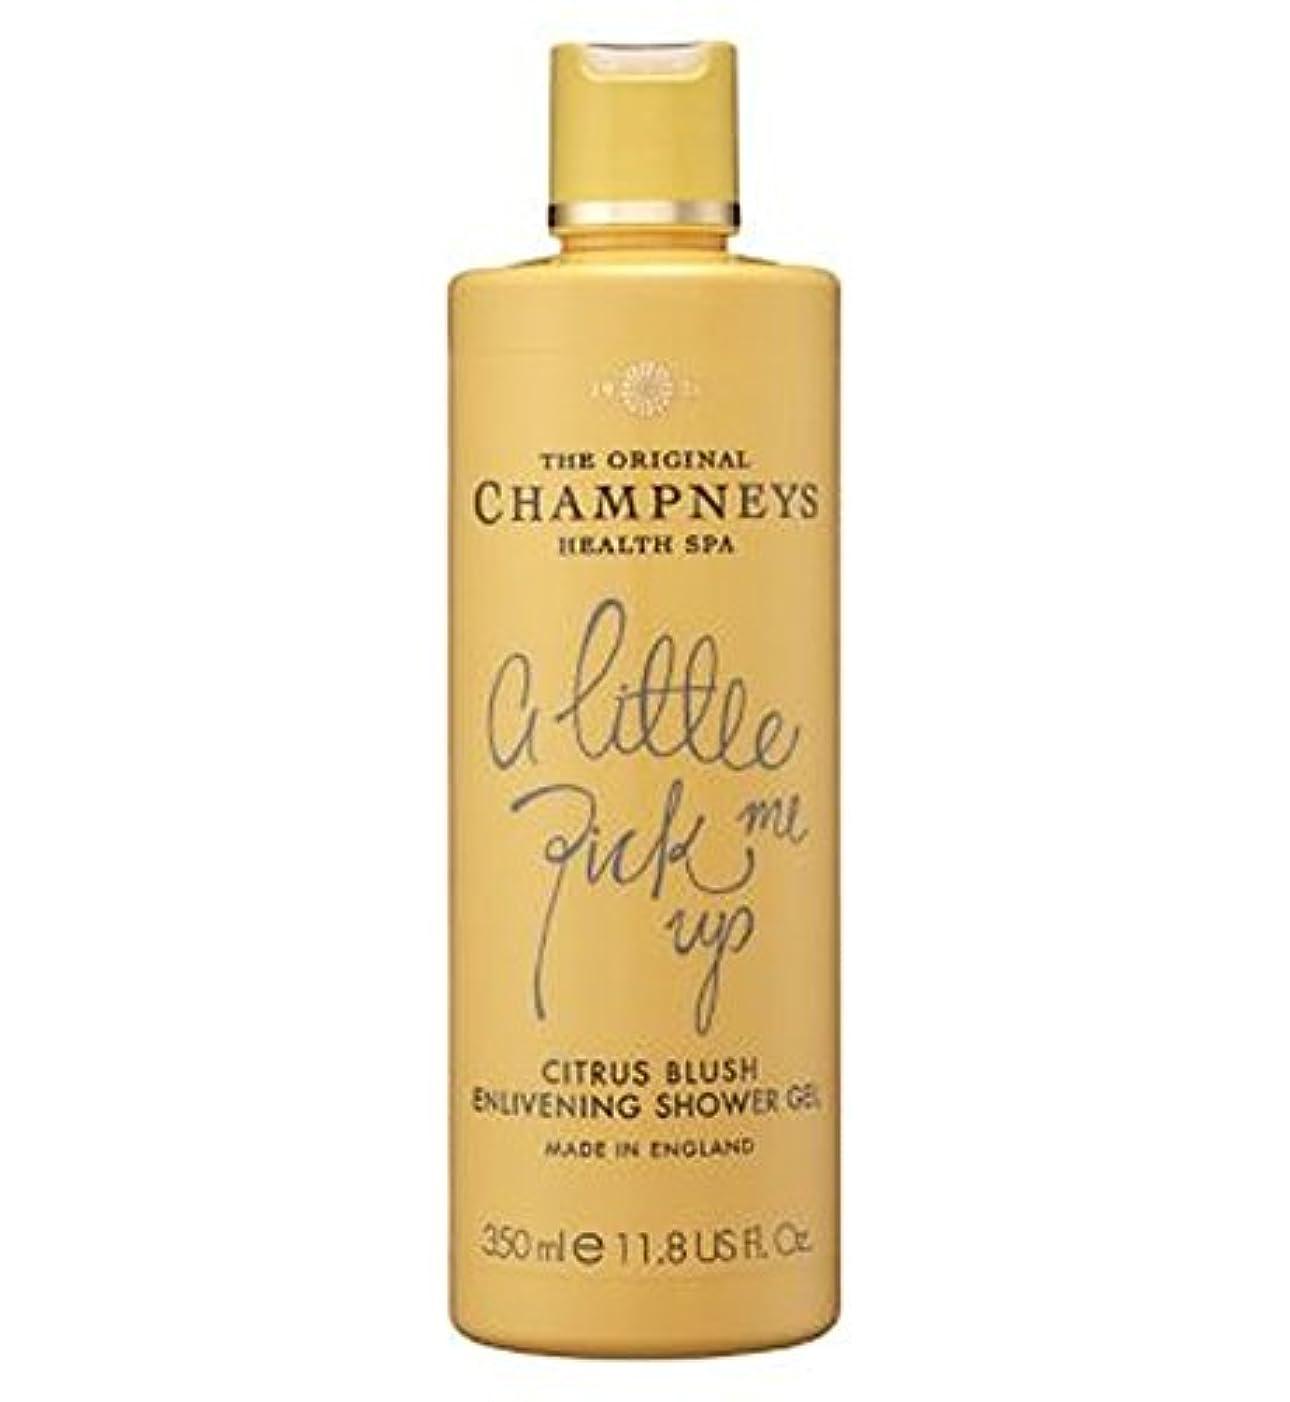 以上ポケット流出チャンプニーズシトラス赤面盛り上げシャワージェル350ミリリットル (Champneys) (x2) - Champneys Citrus Blush Enlivening Shower Gel 350ml (Pack of 2) [並行輸入品]